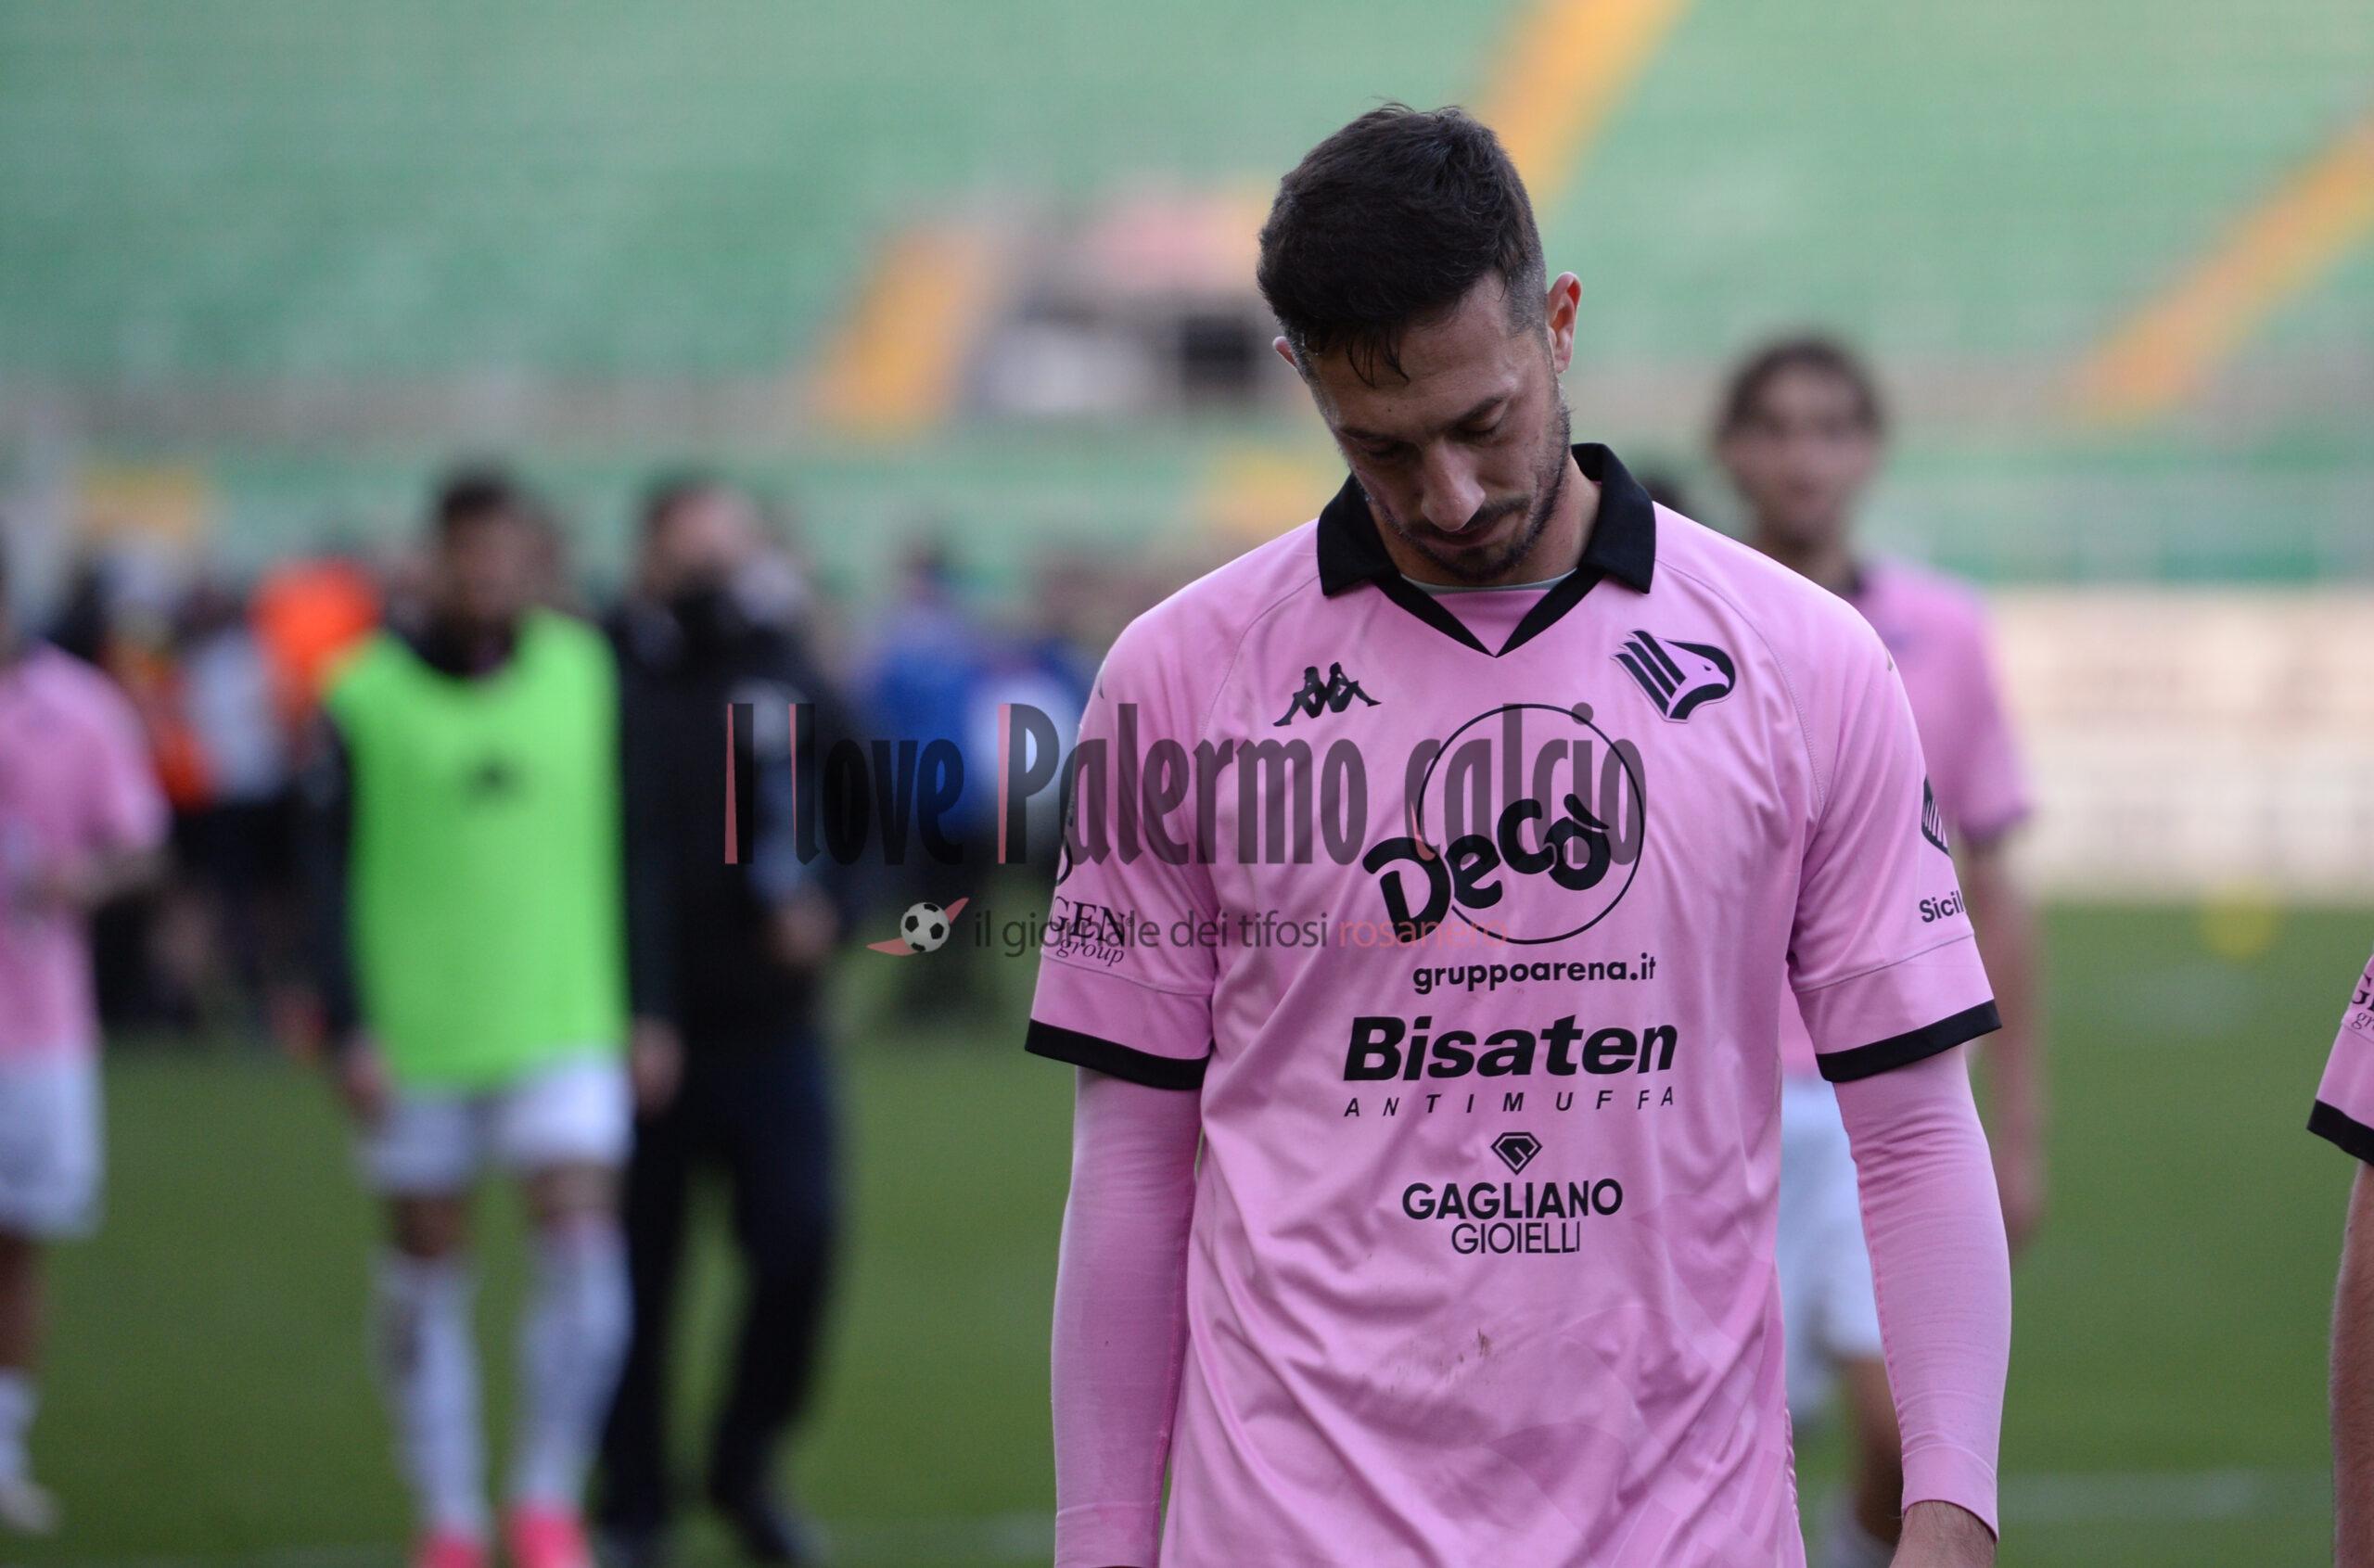 Calcio sotto shock: morto l'ex Atalanta Willy Braciano Ta Bi -  Ilovepalermocalcio